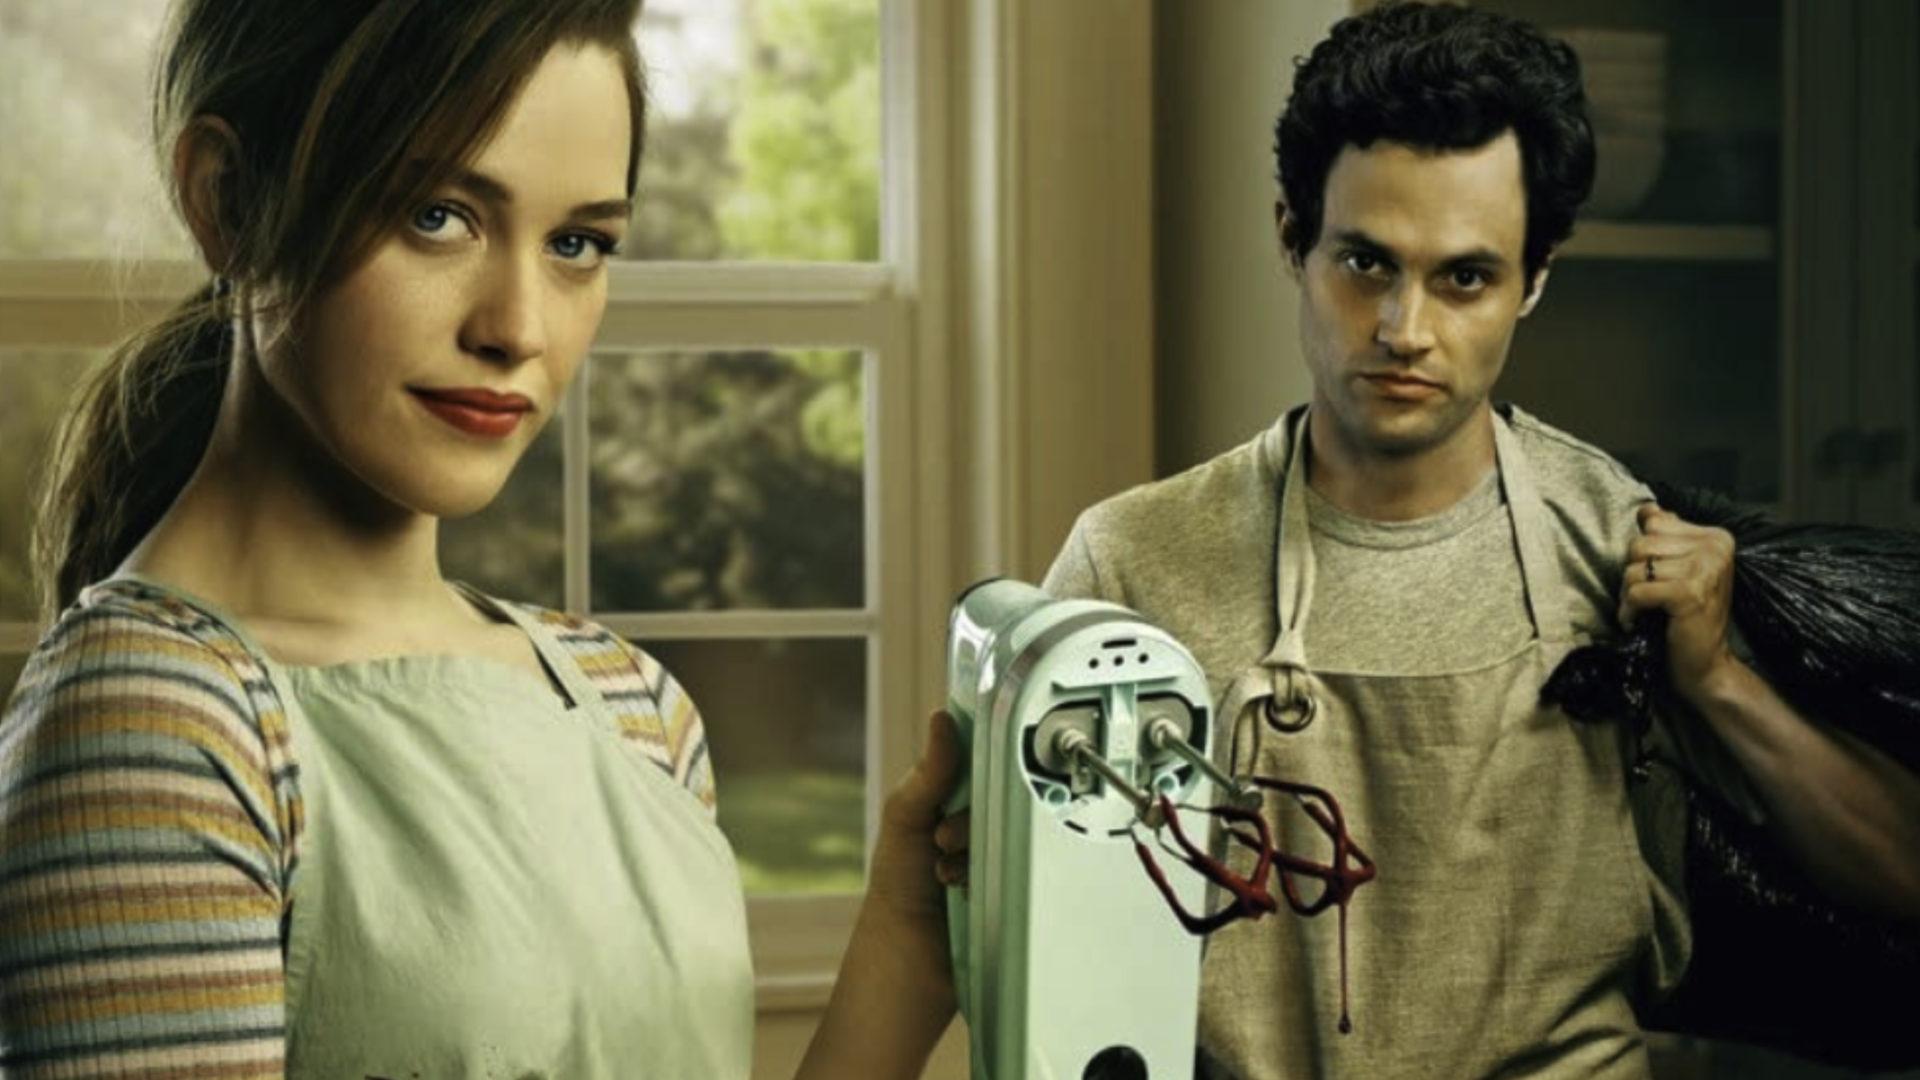 Voici la bande-annonce de la 3e saison de « You » qui vient toute juste d'être dévoilée!